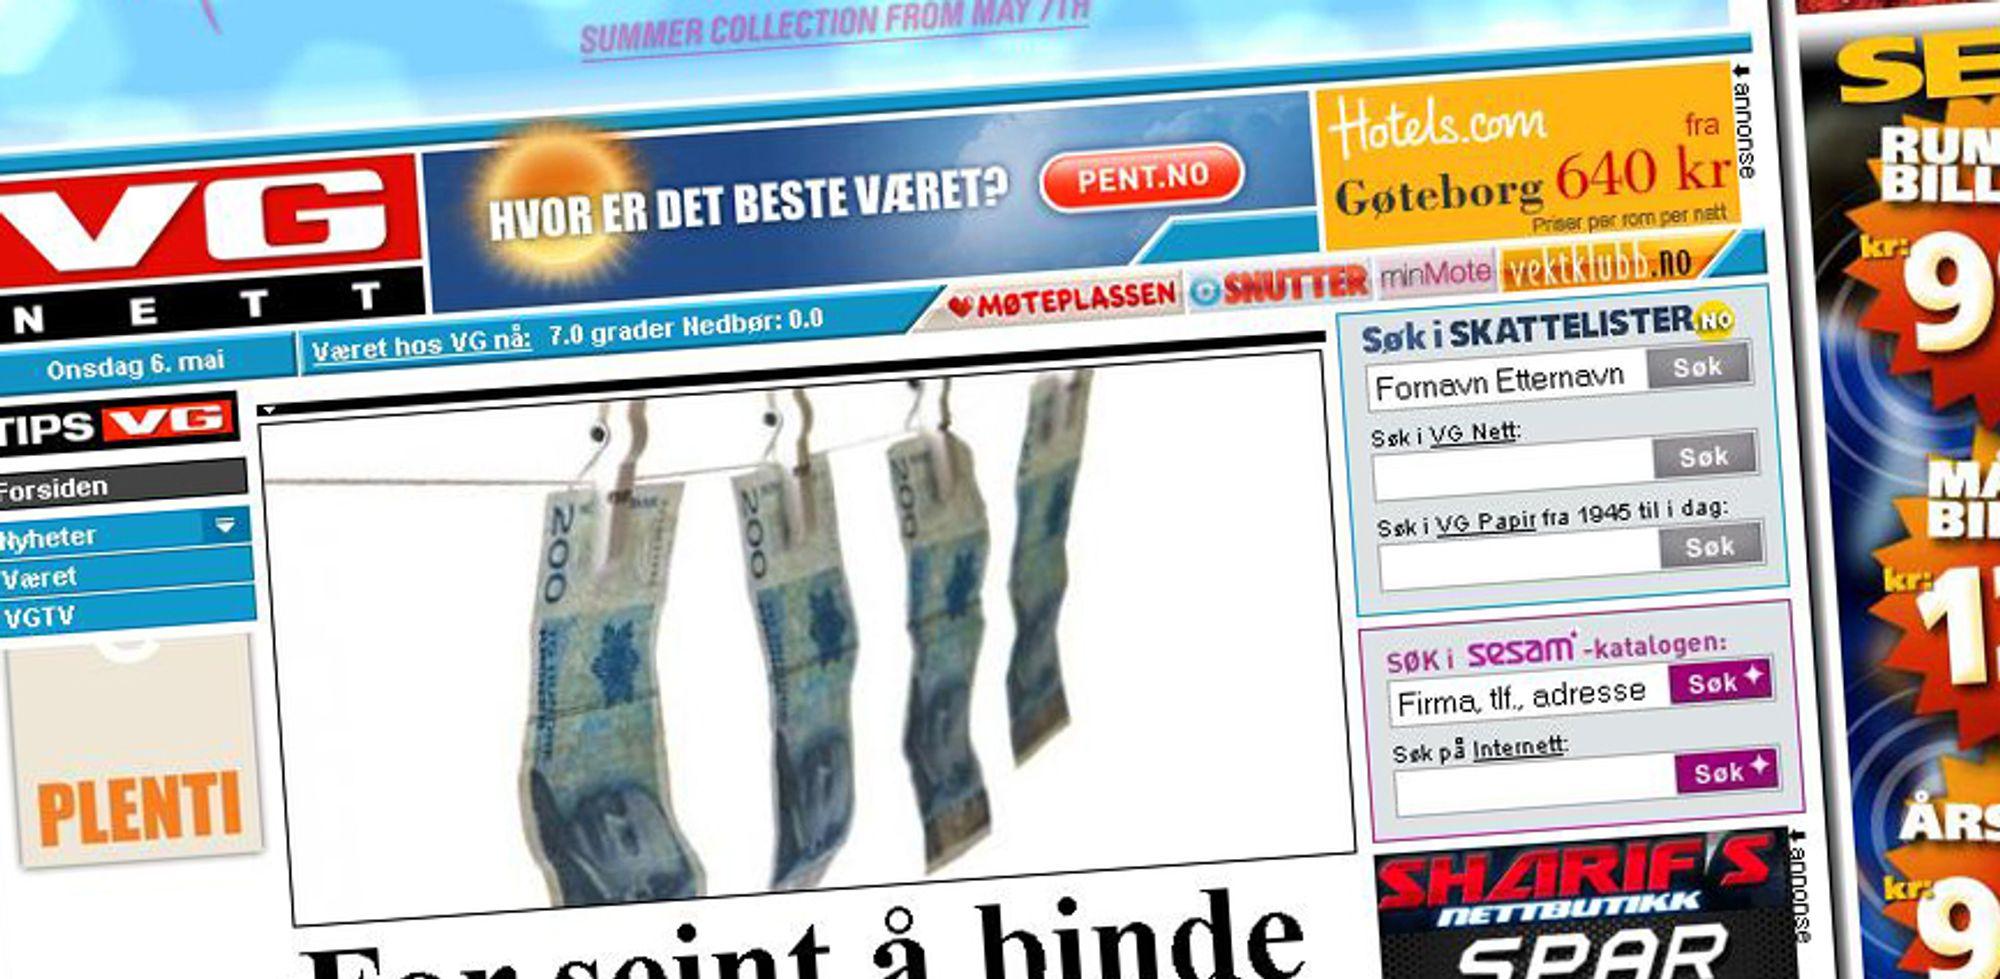 HACKET: Norges største nettsted ble offer for datakriminelle i går.